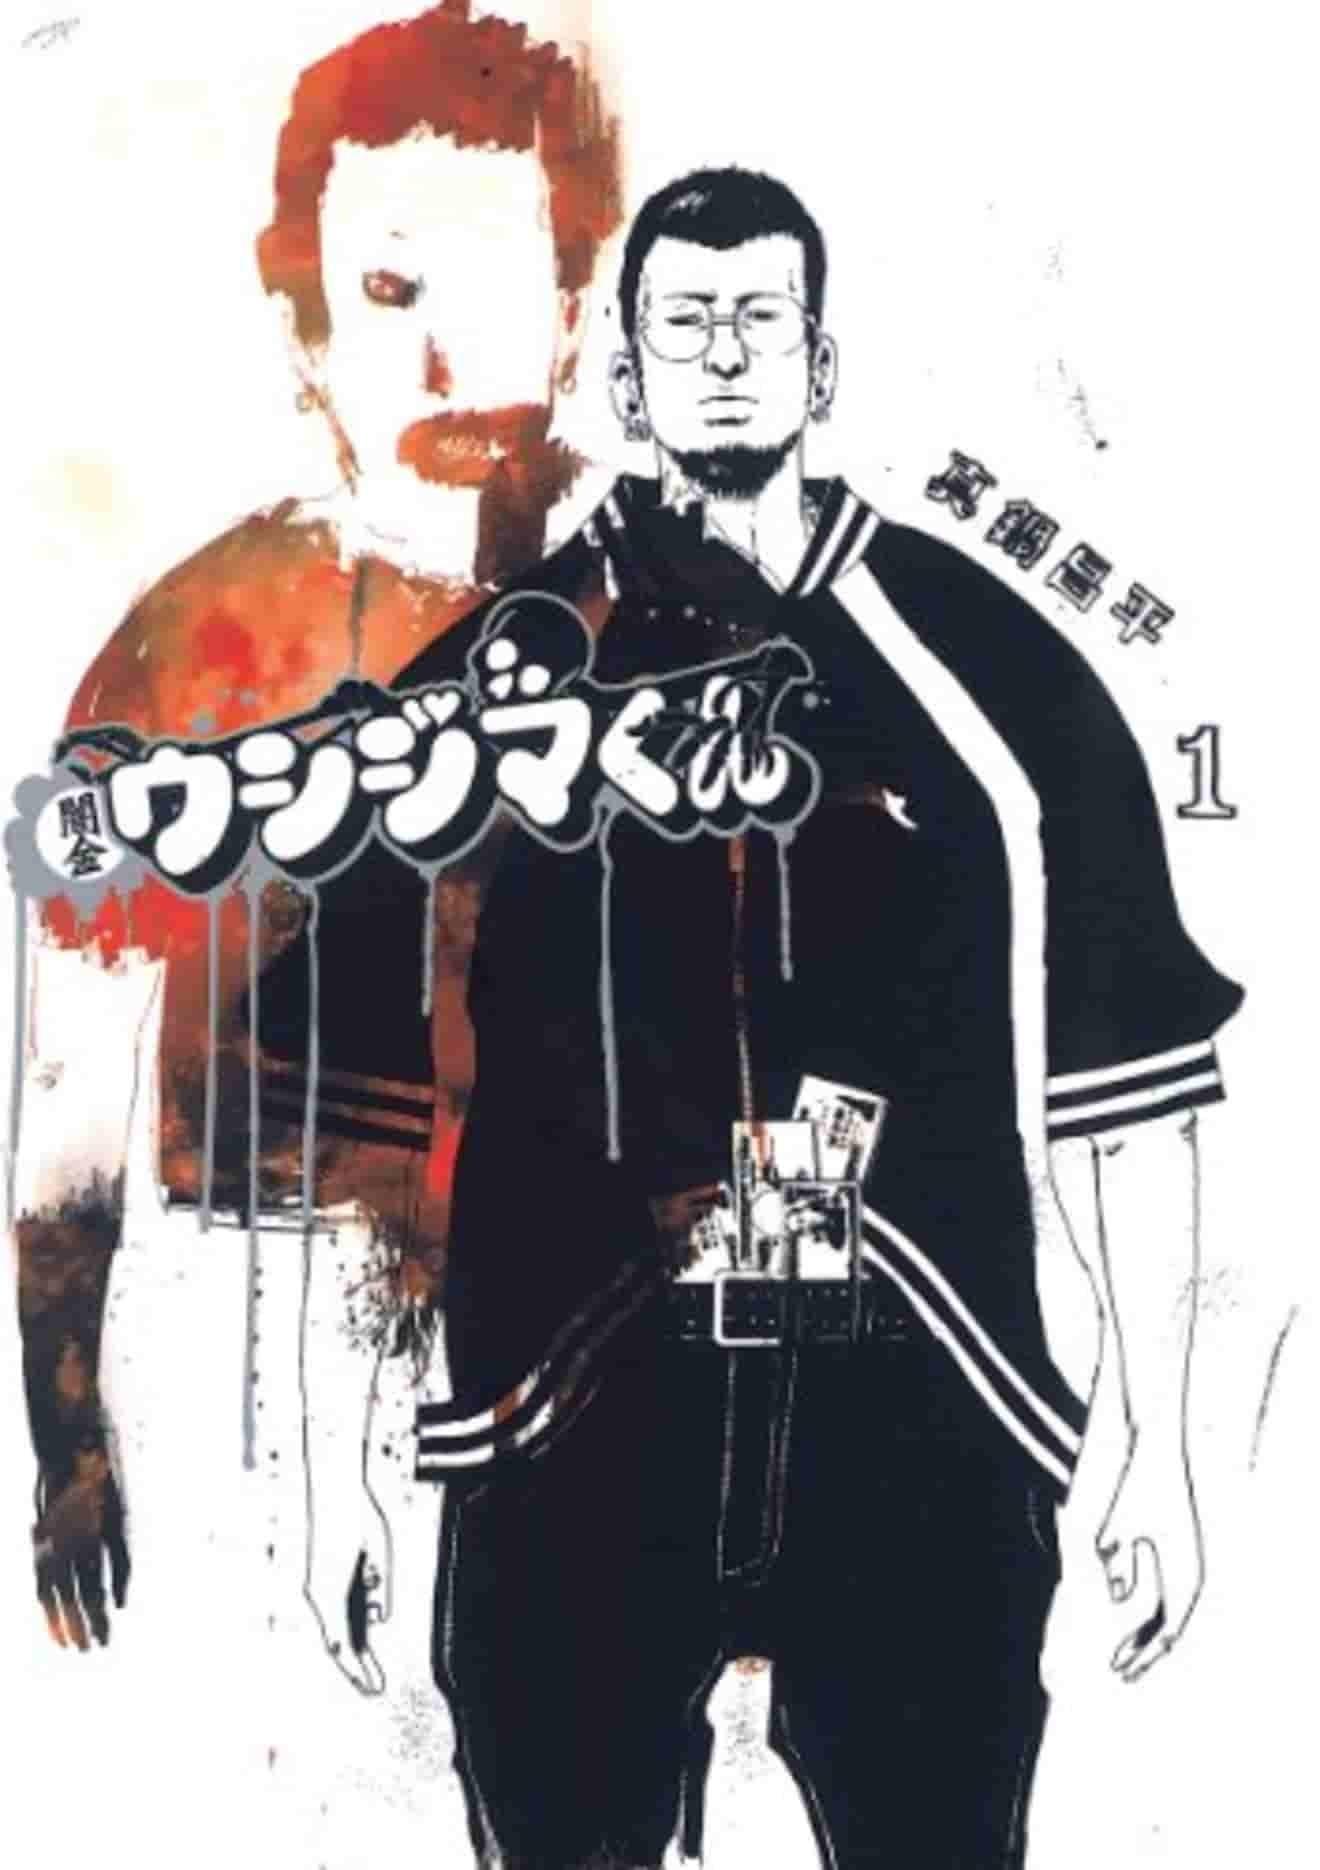 「これは反則」『闇金ウシジマくん』のイメージが変わる4つのエピソード